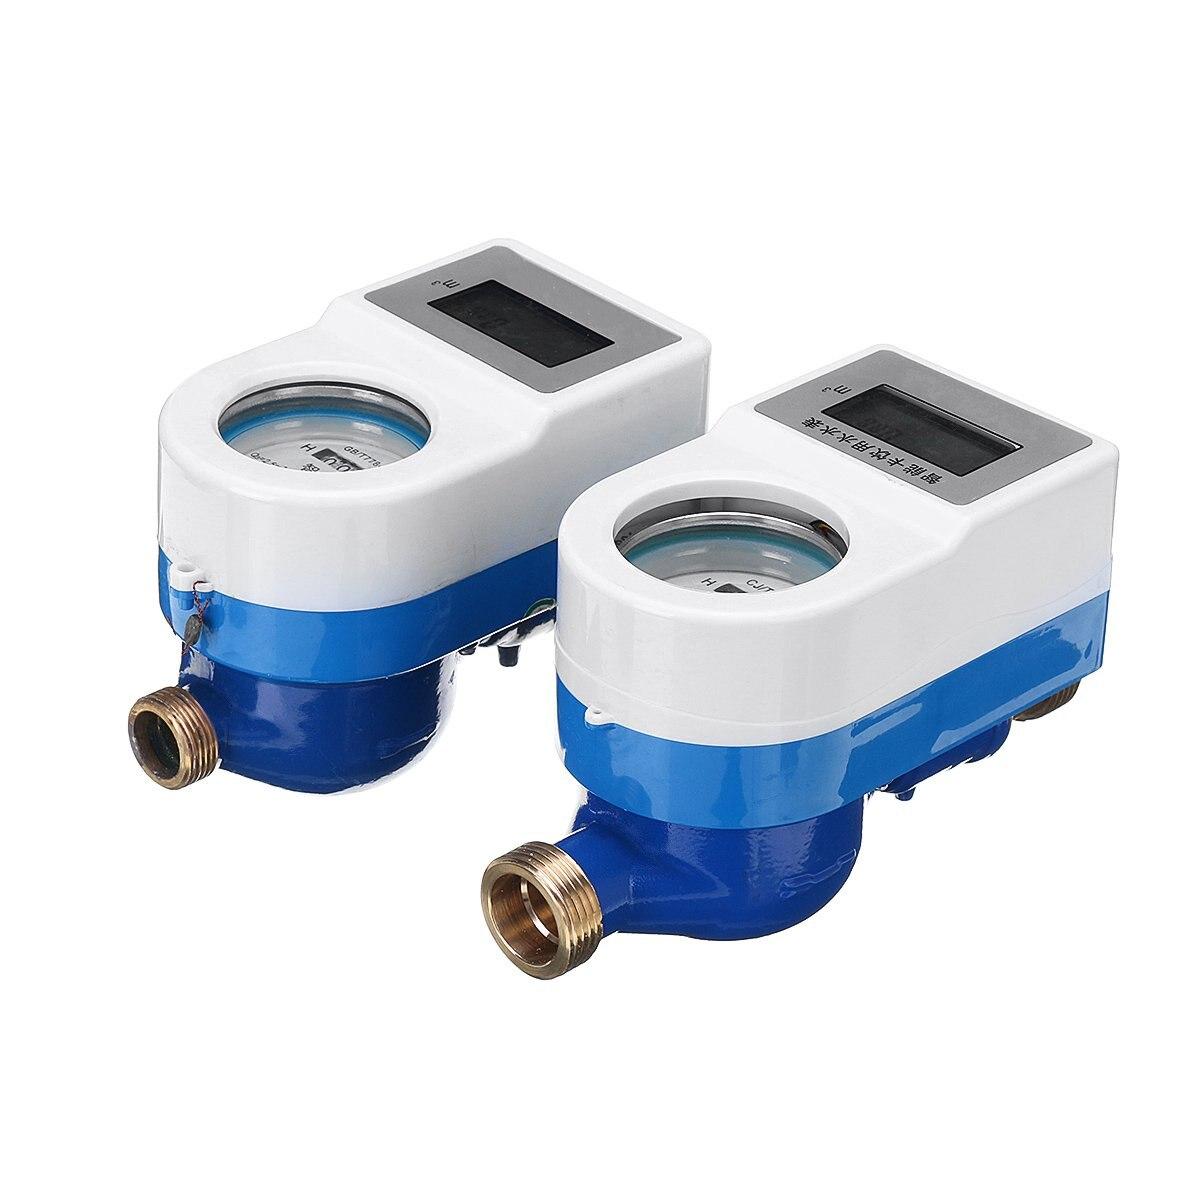 15/20mm sans fil intelligent compteur d'eau froide cuivre robinet de mesure maison jardin compteur rotatif compteur d'eau froide Table outils de mesure